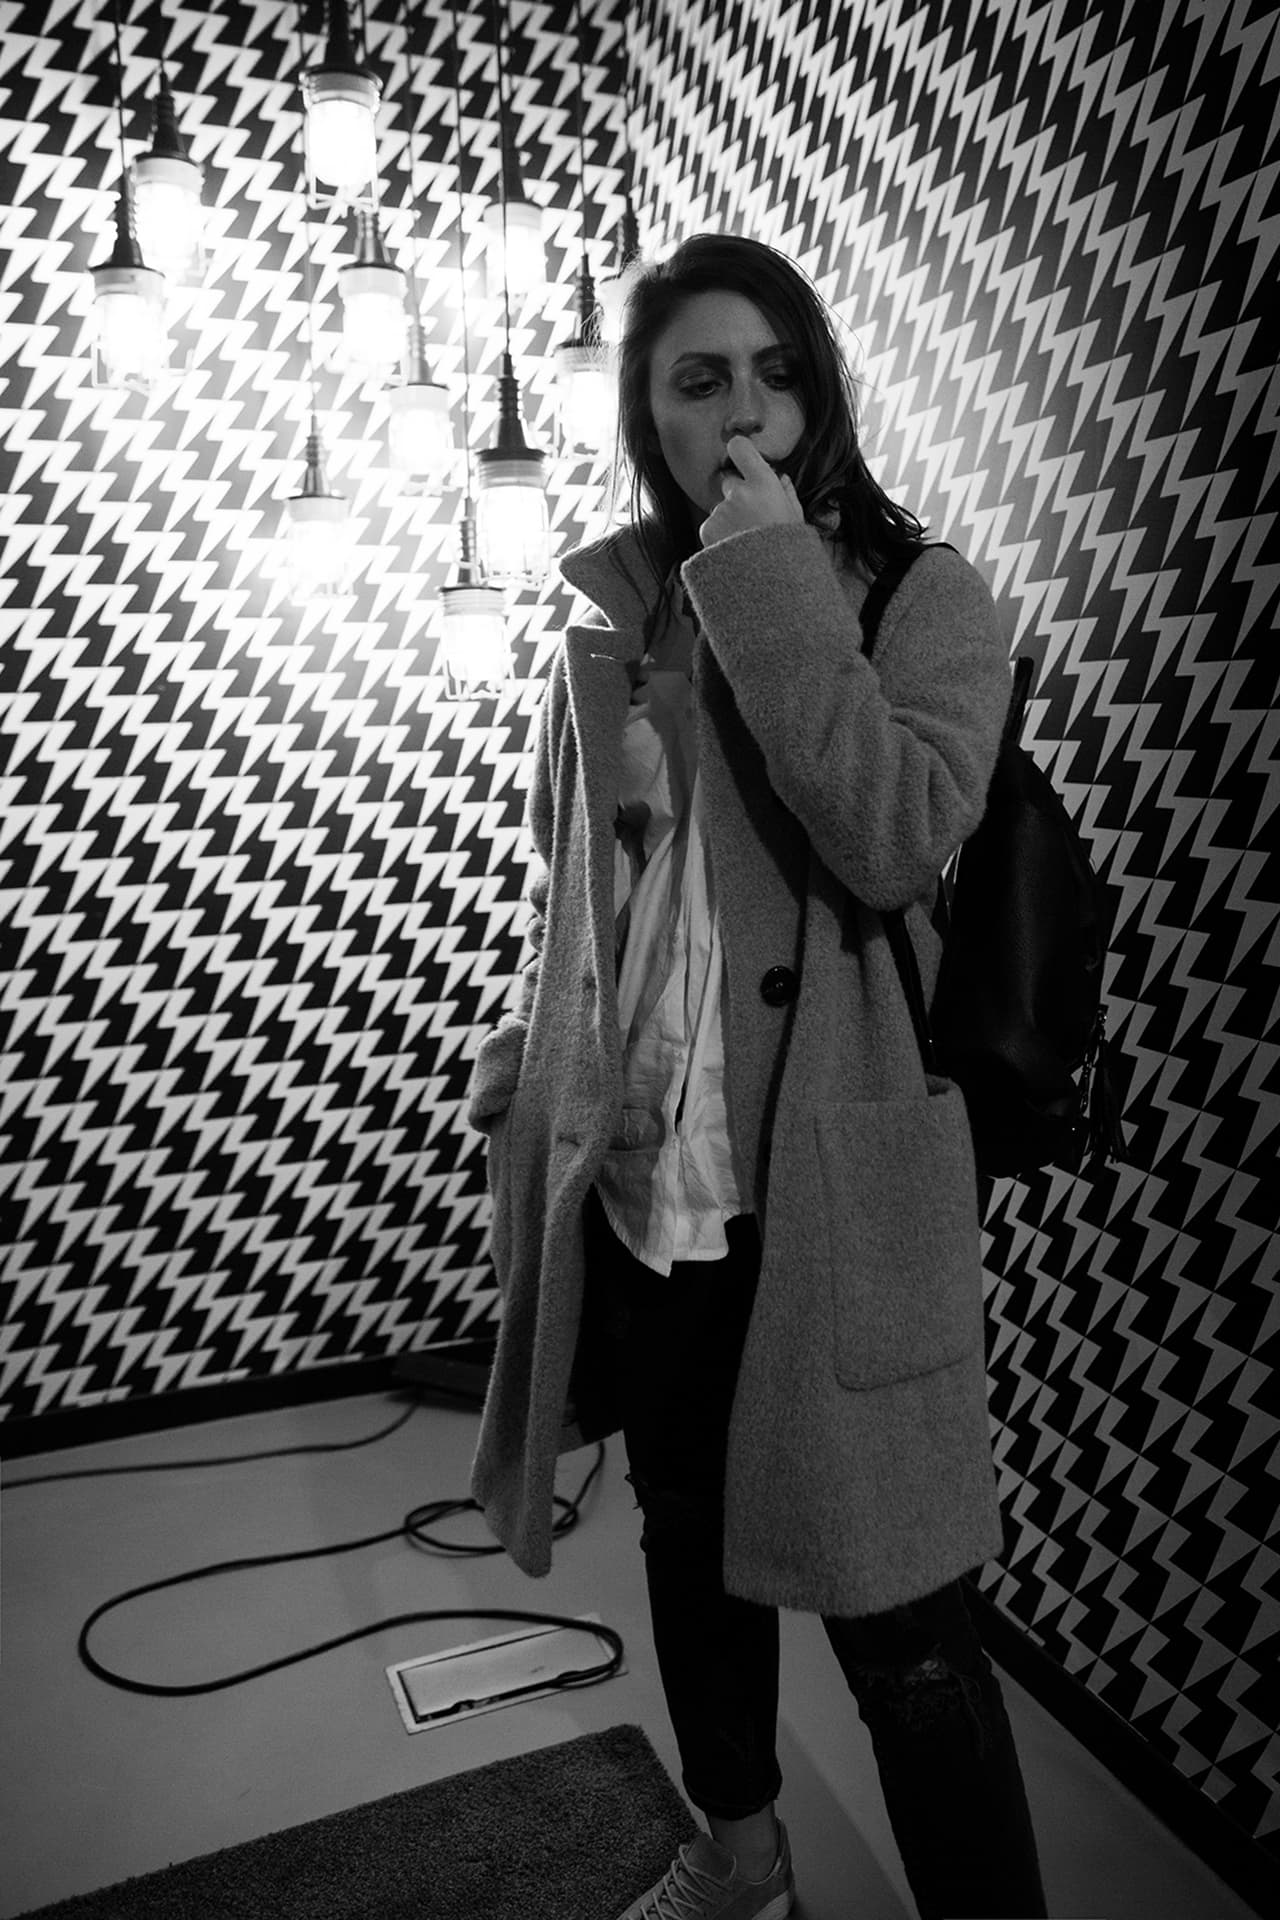 Full Size of Designer Badezimmer Stehlampen Wohnzimmer Esstisch Esstische Deckenlampen Modern Lampen Led Schlafzimmer Bad Für Betten Regale Küche Wohnzimmer Designer Lampen